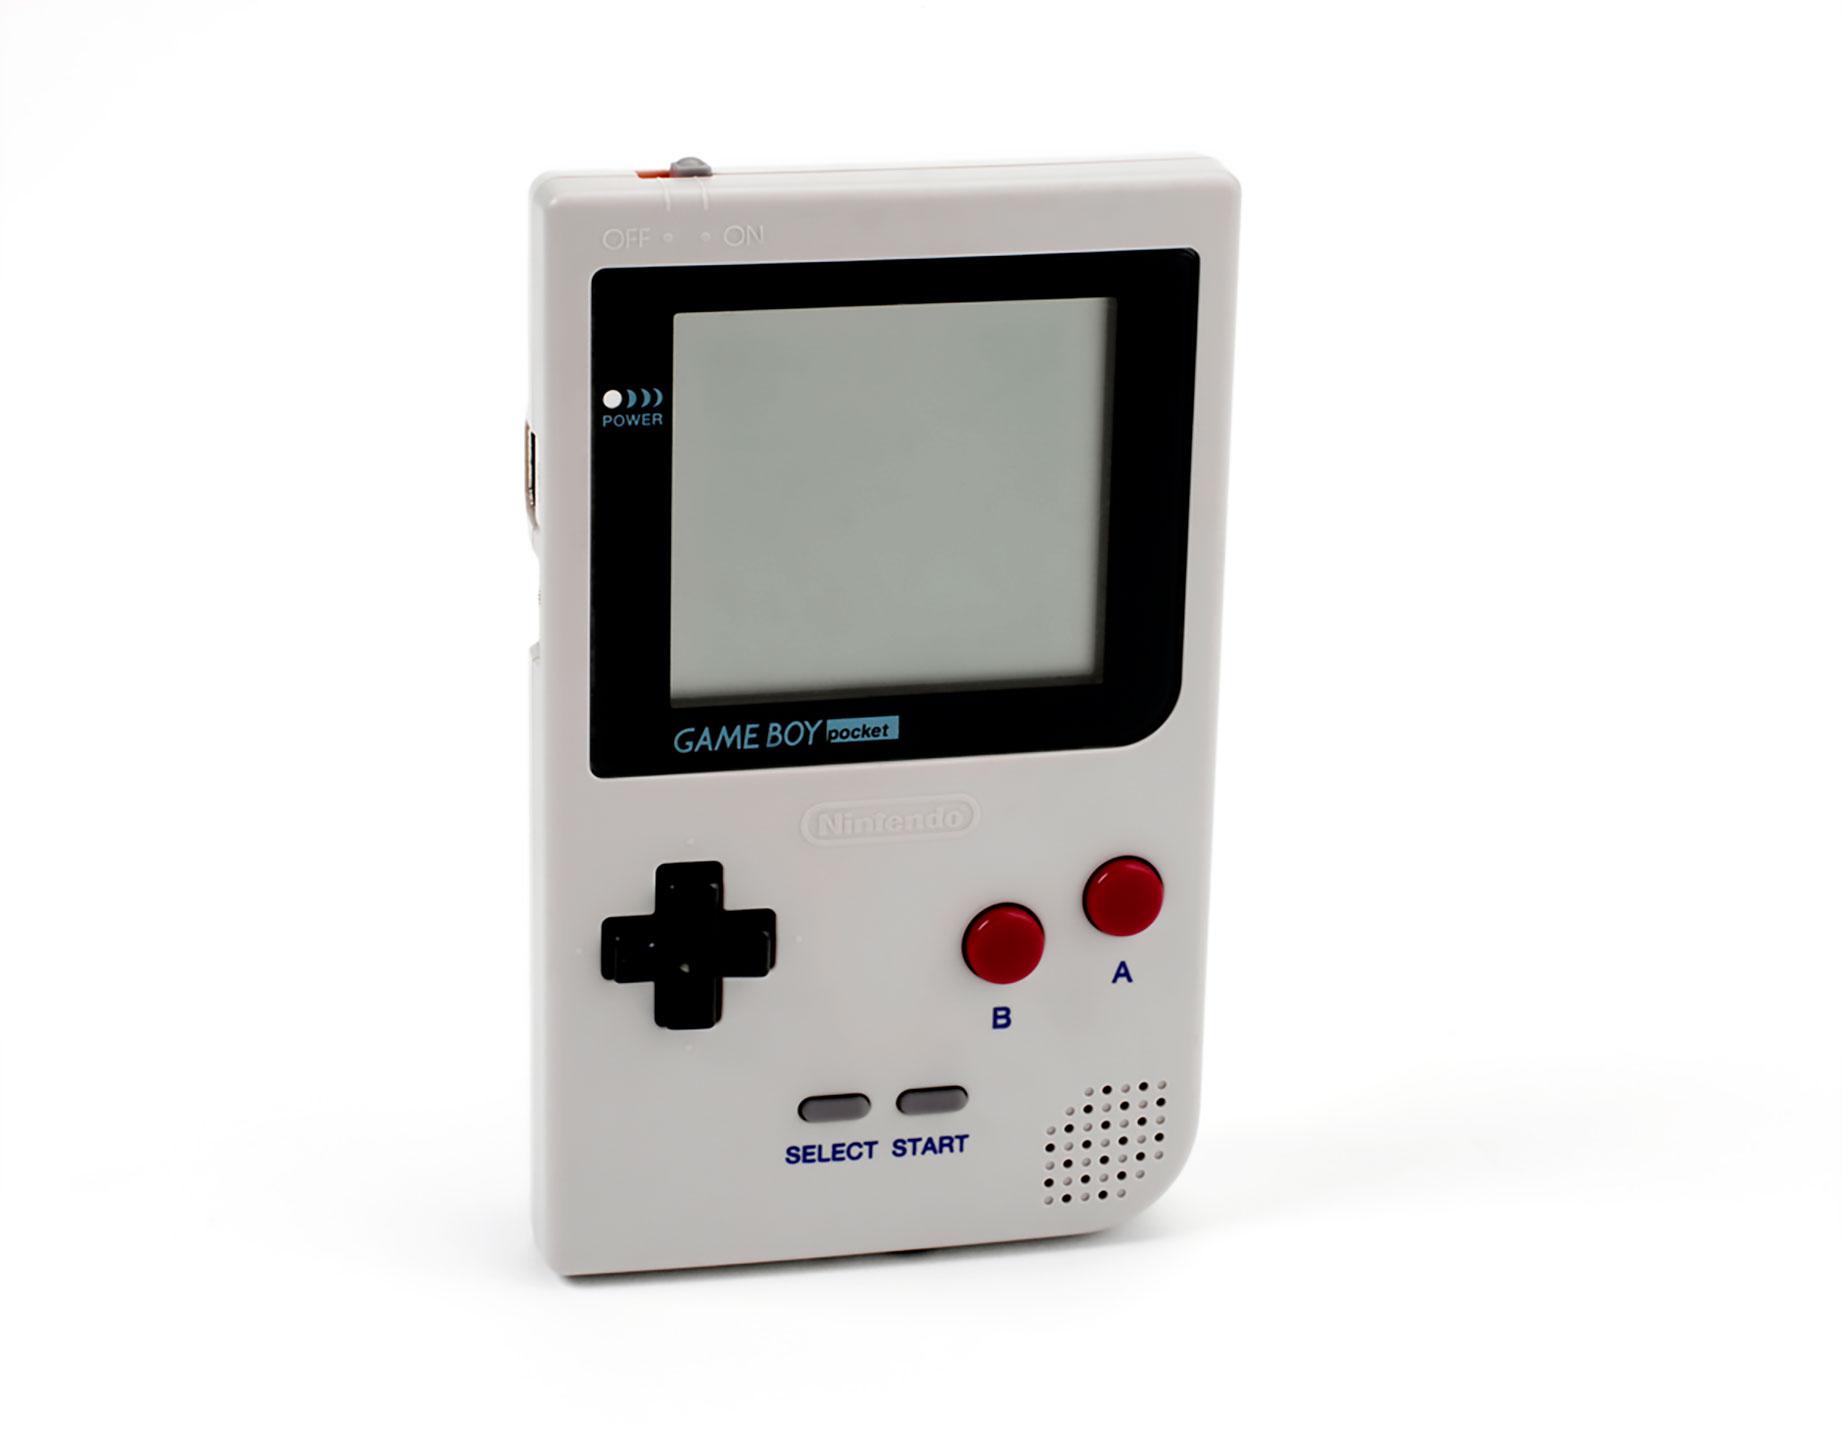 Das handlichere Pocket-Modell ist die erste von mehreren Game-Boy-Variationen.